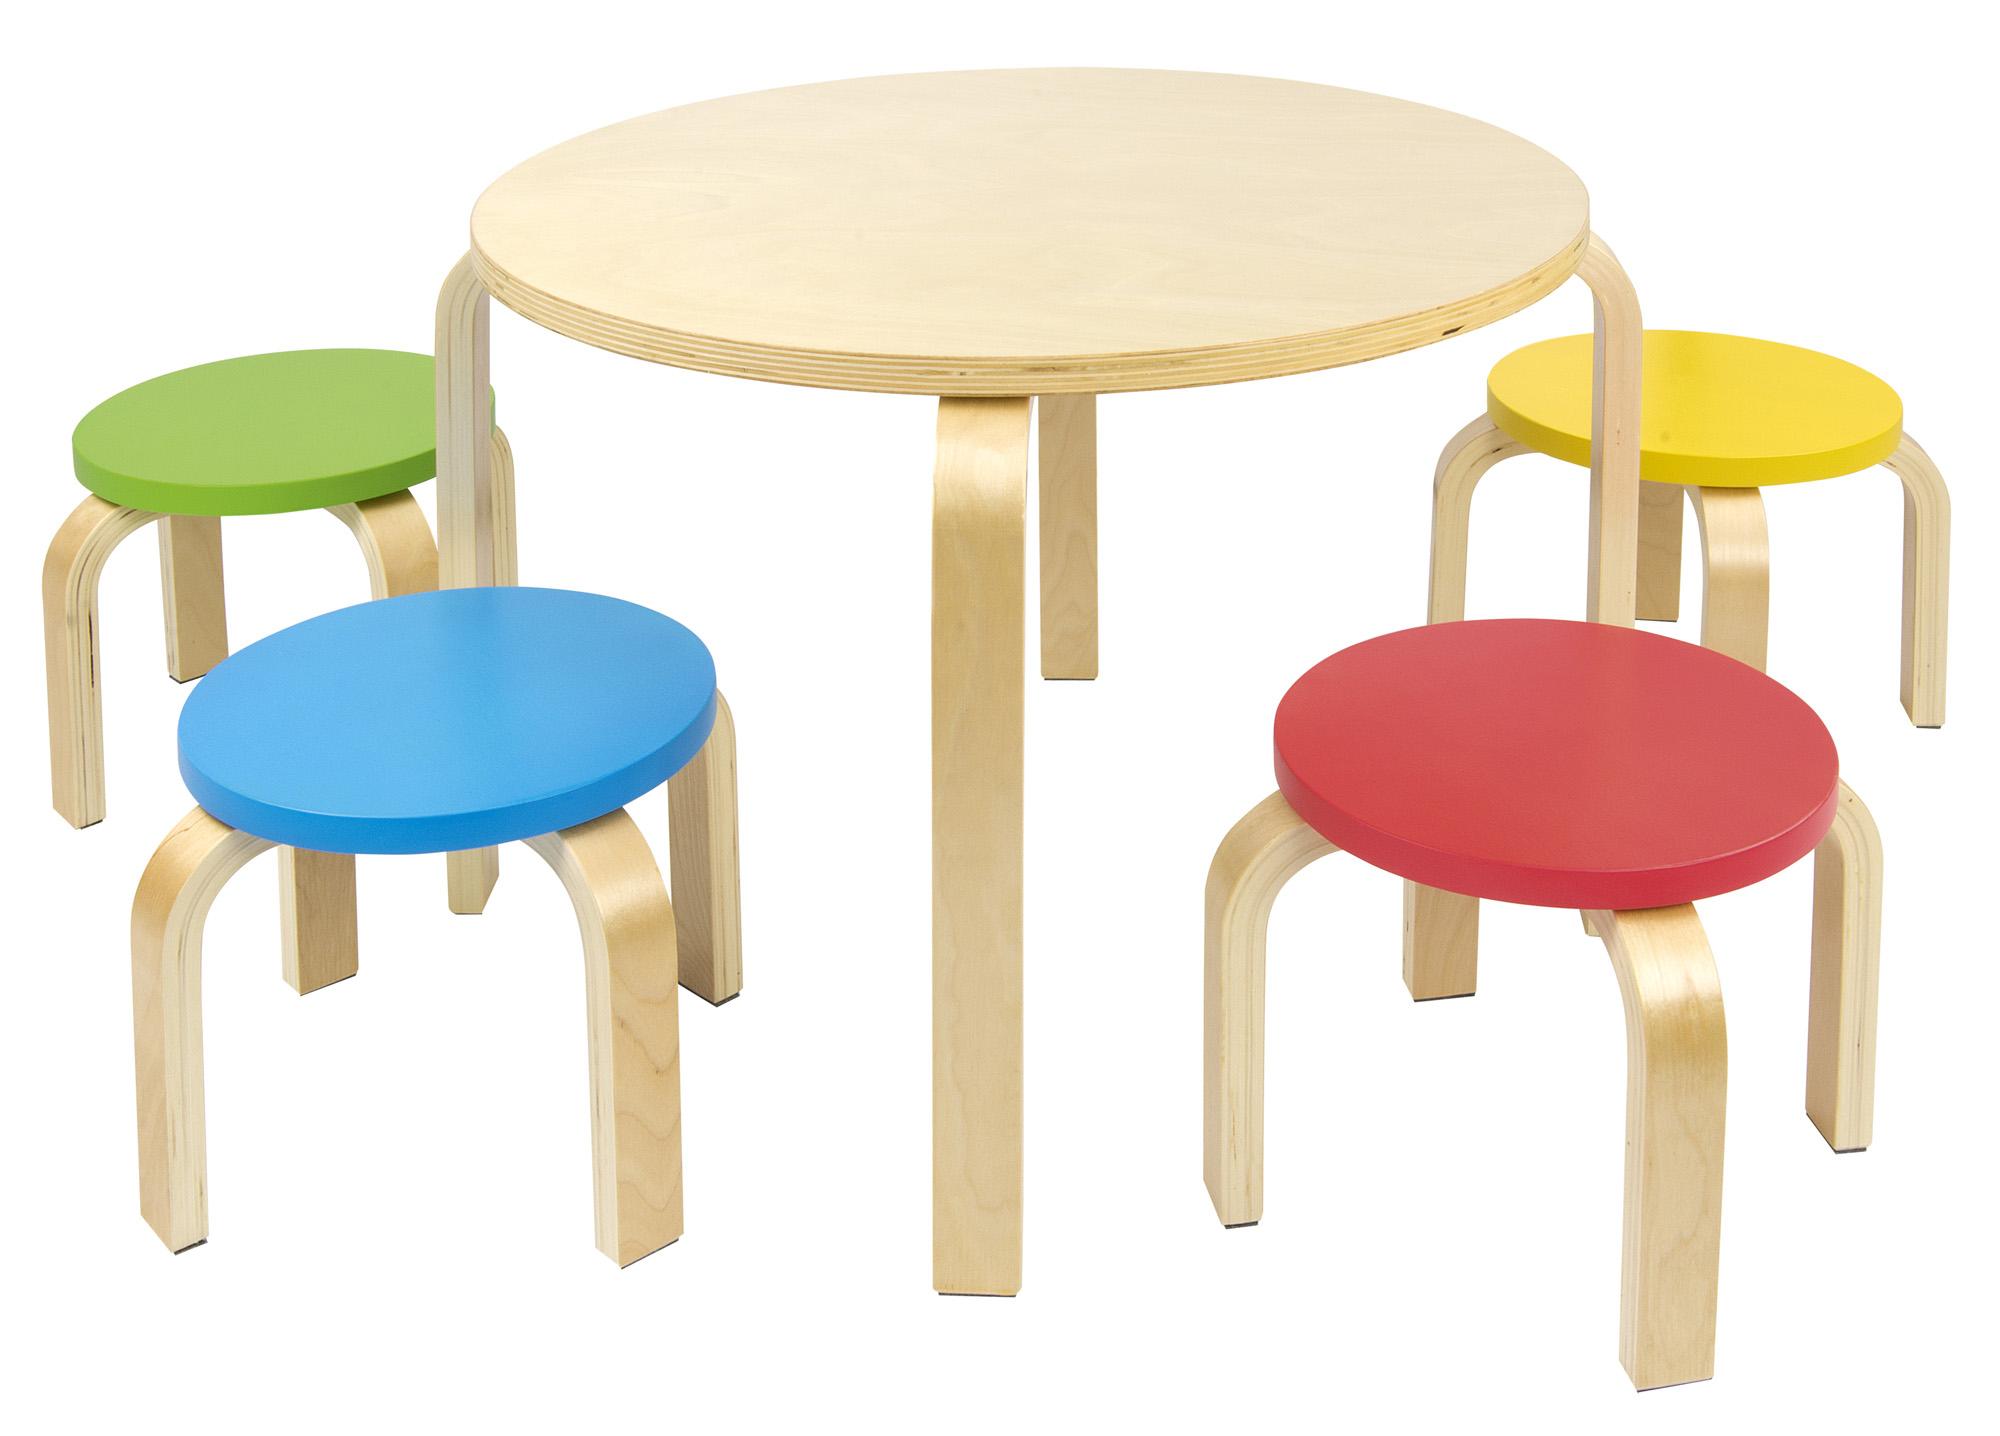 Mesa redonda de madera para ni os m s 4 sillas de colores for Mesas redondas de madera